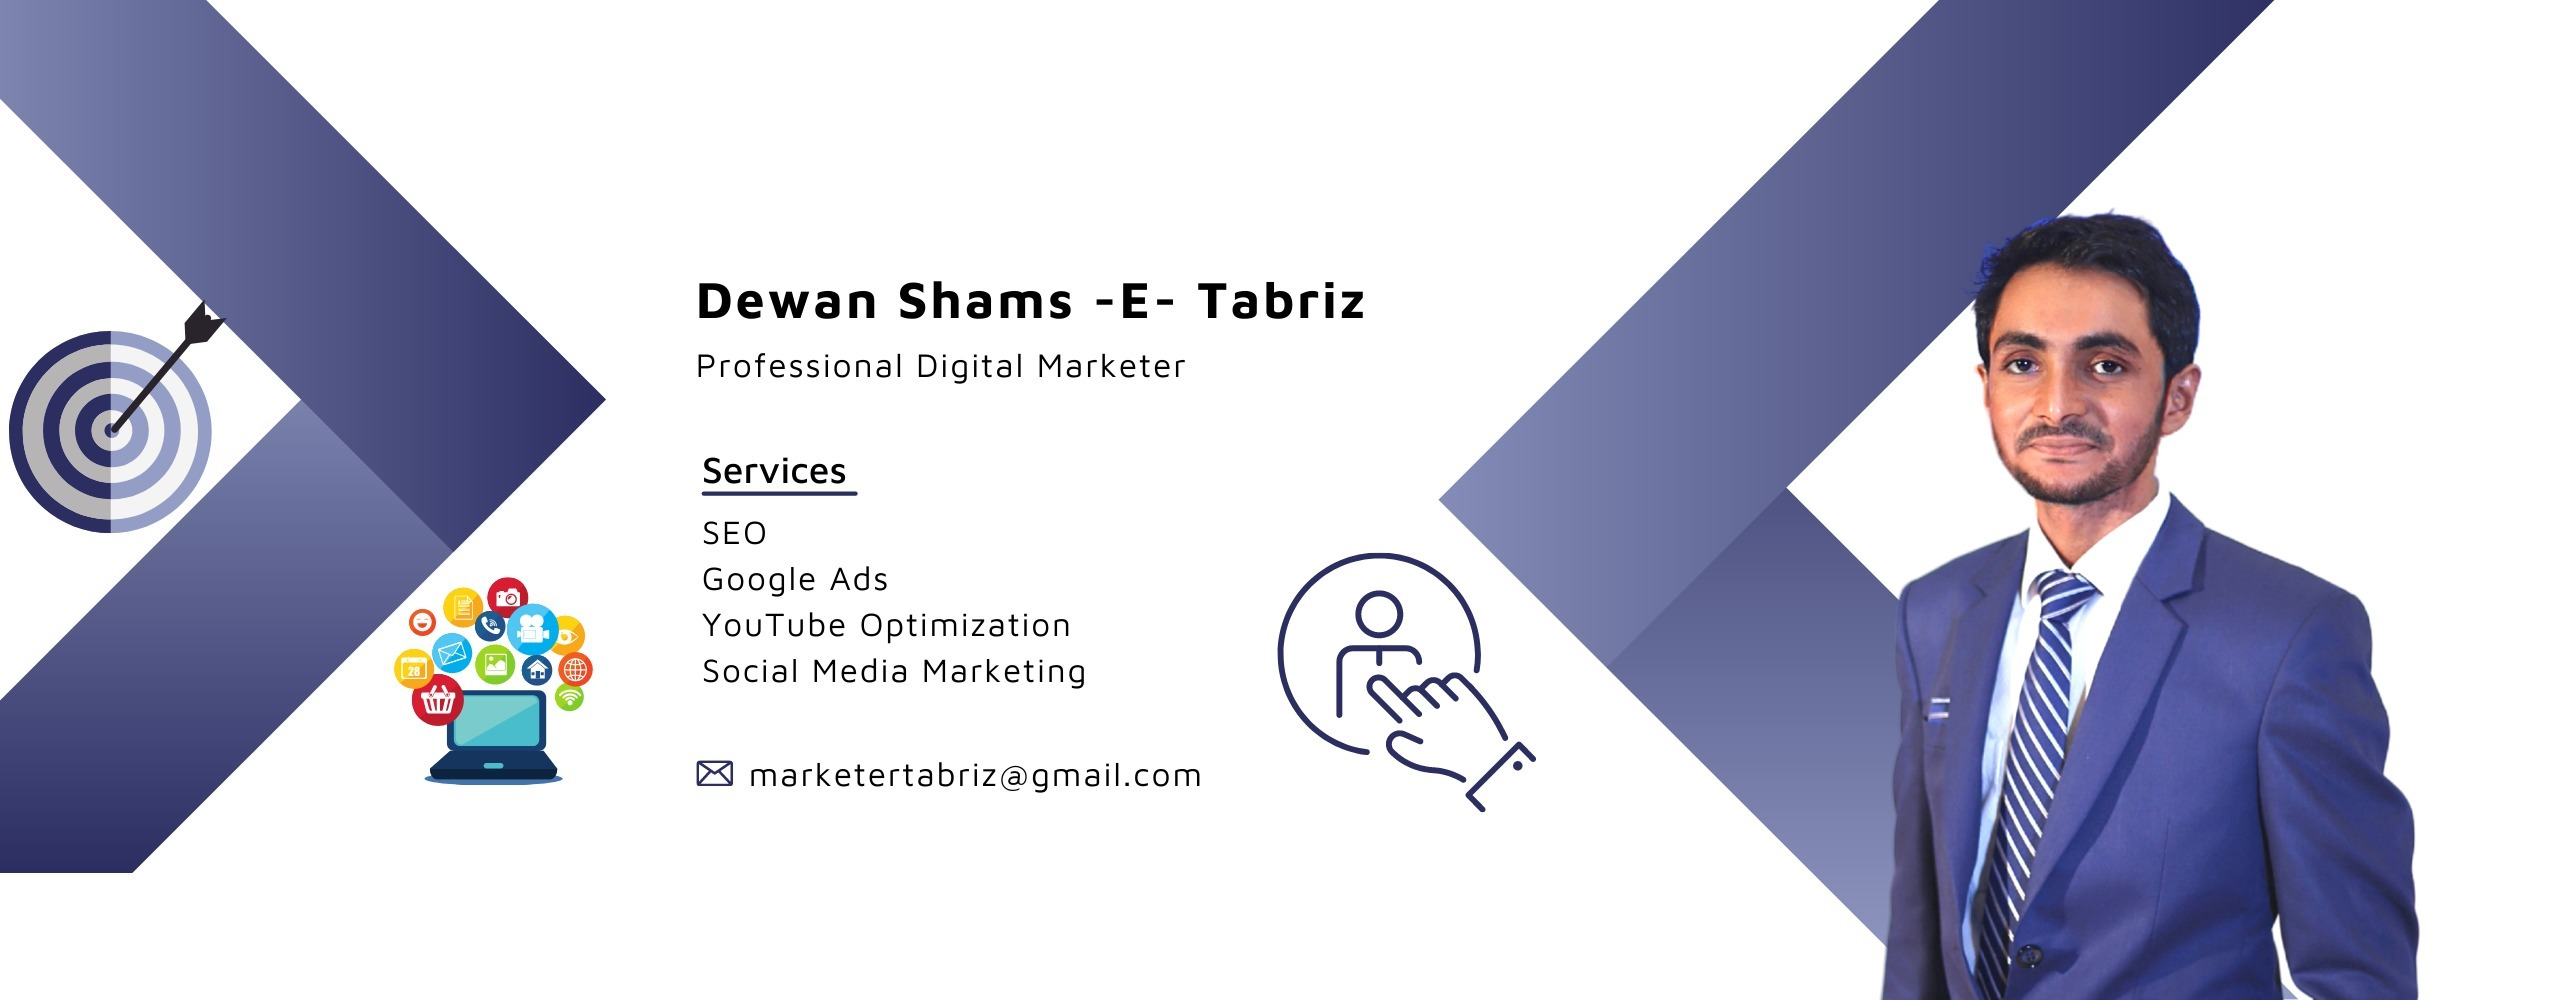 Dewan Shams -E- Tabriz (@freelancertabriz) Cover Image